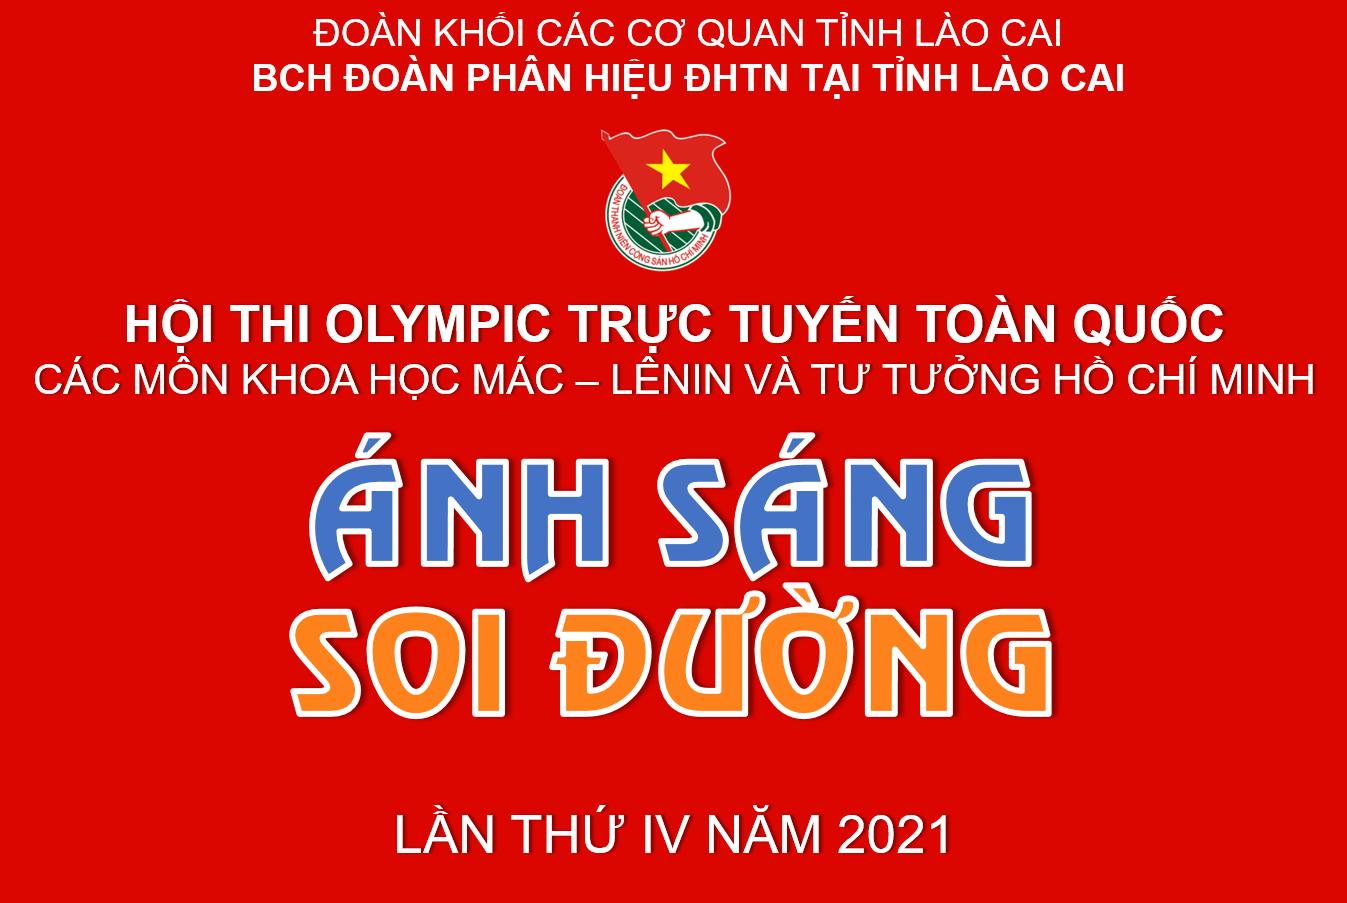 Đoàn thanh niên Phân hiệu Đại học Thái Nguyên tại tỉnh Lào Cai hưởng ứng Hội thi